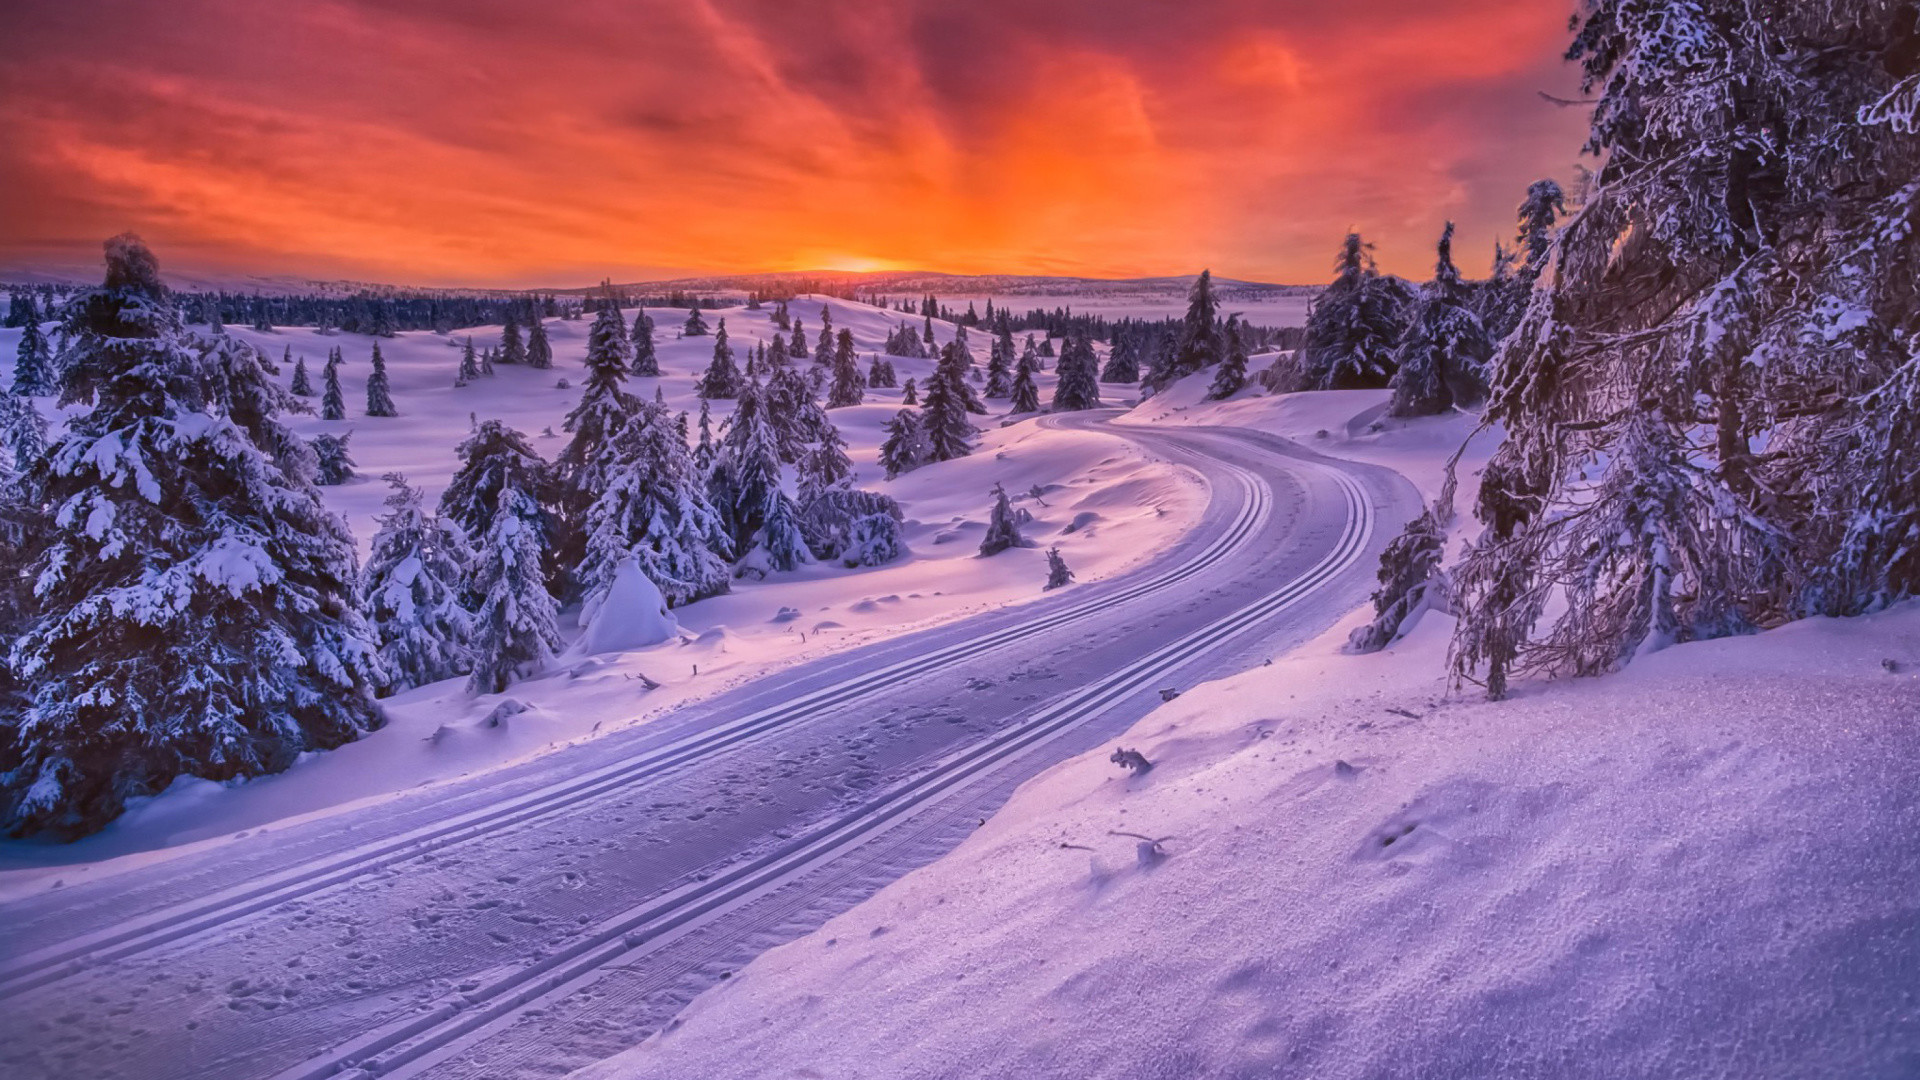 Toboggan Road In Scandinavia Winter Background Wallpaper HD